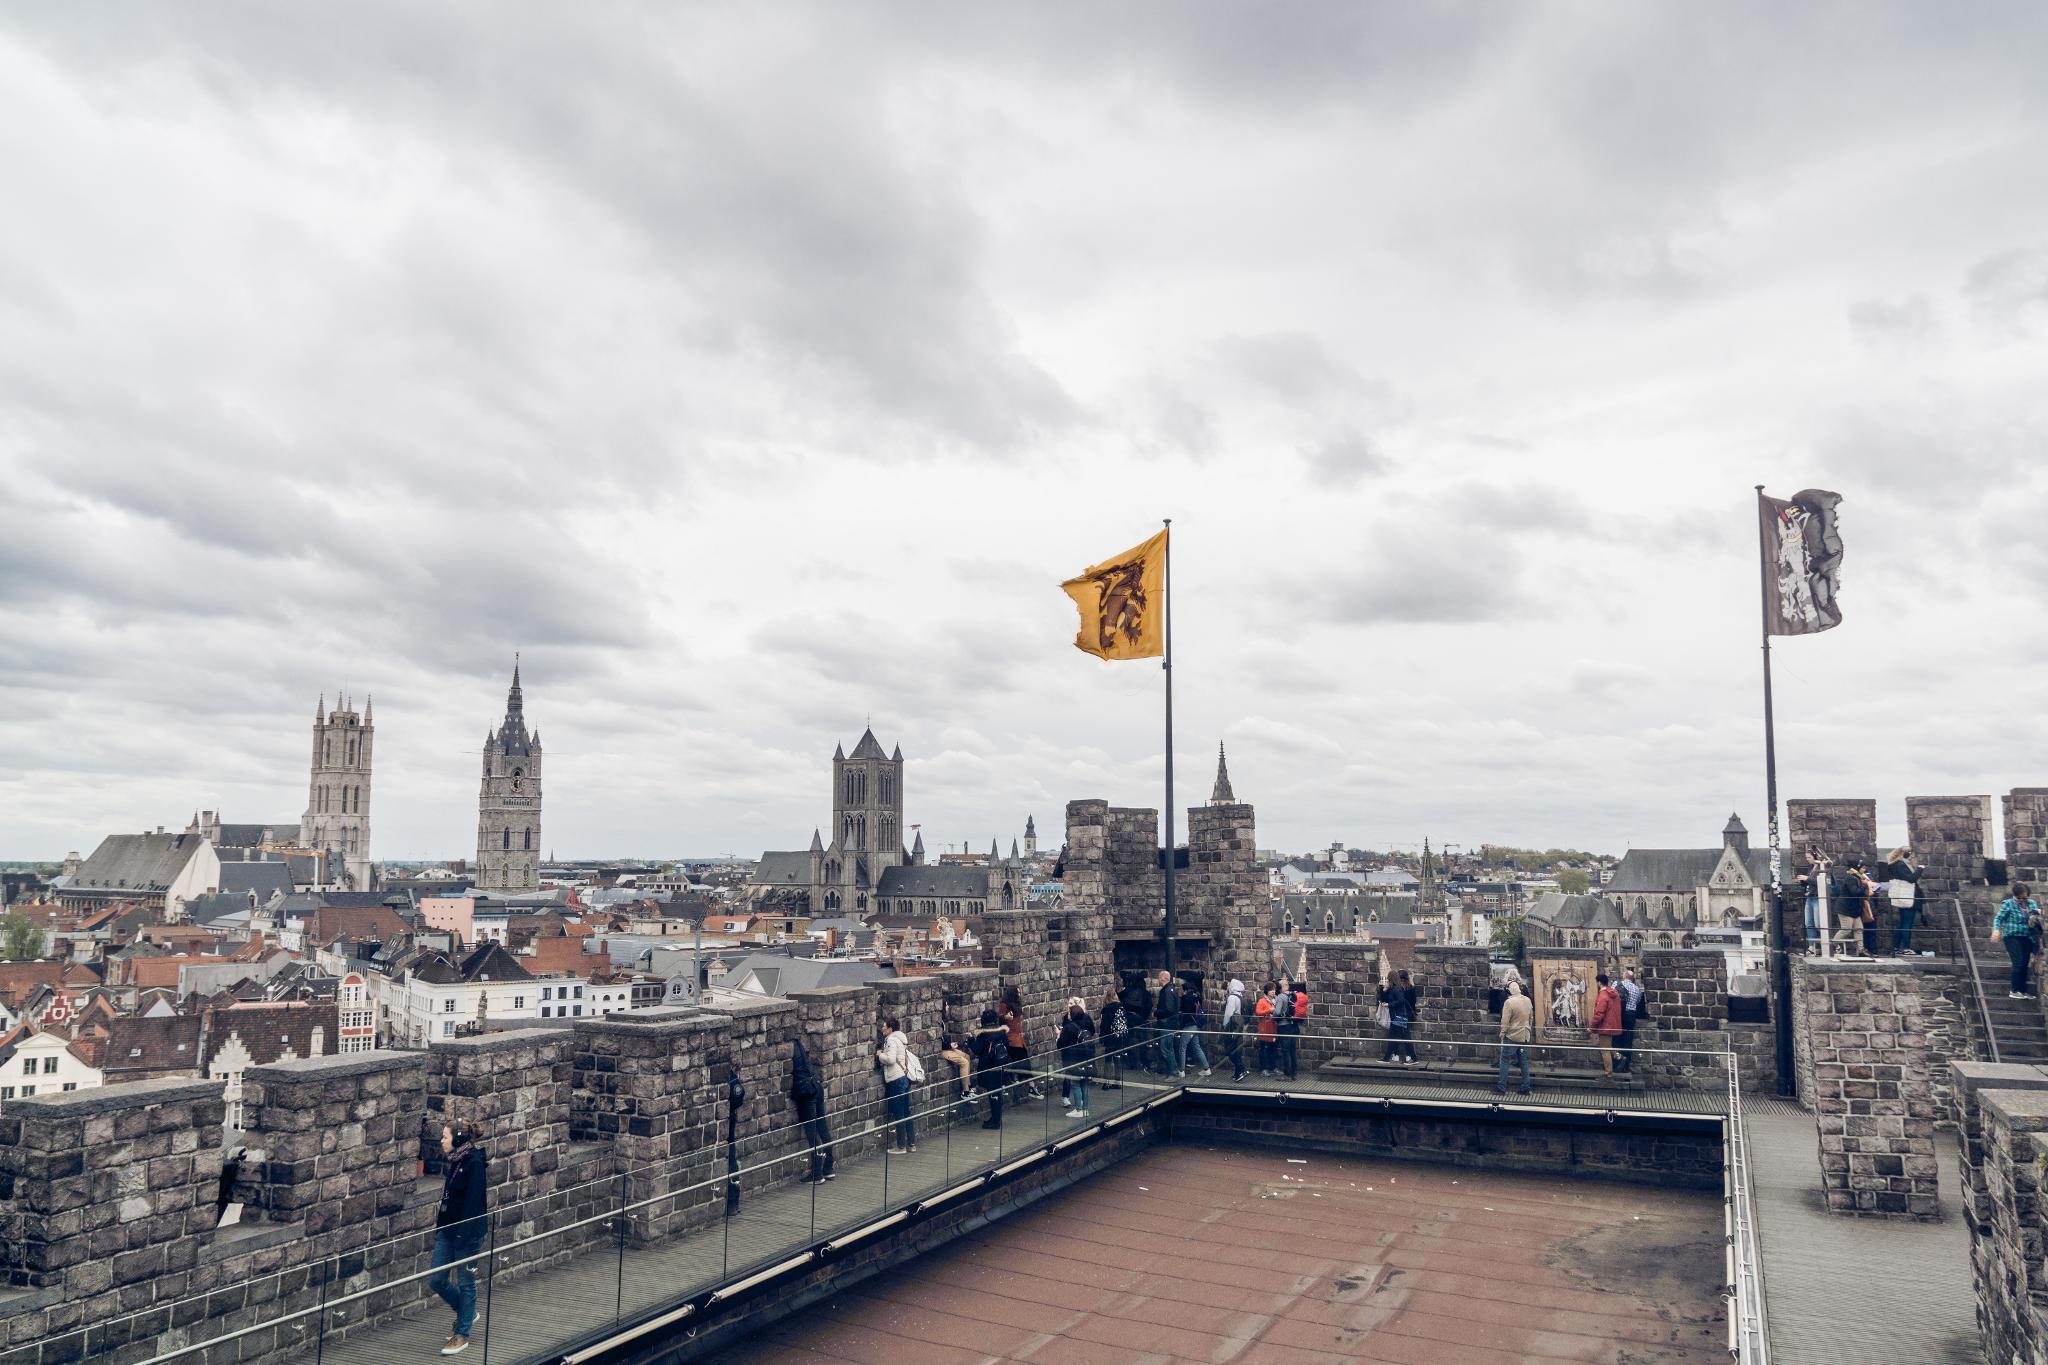 【比利時】穿梭中世紀的大城小事 — 比利時根特 (Ghent) 散步景點總整理 116